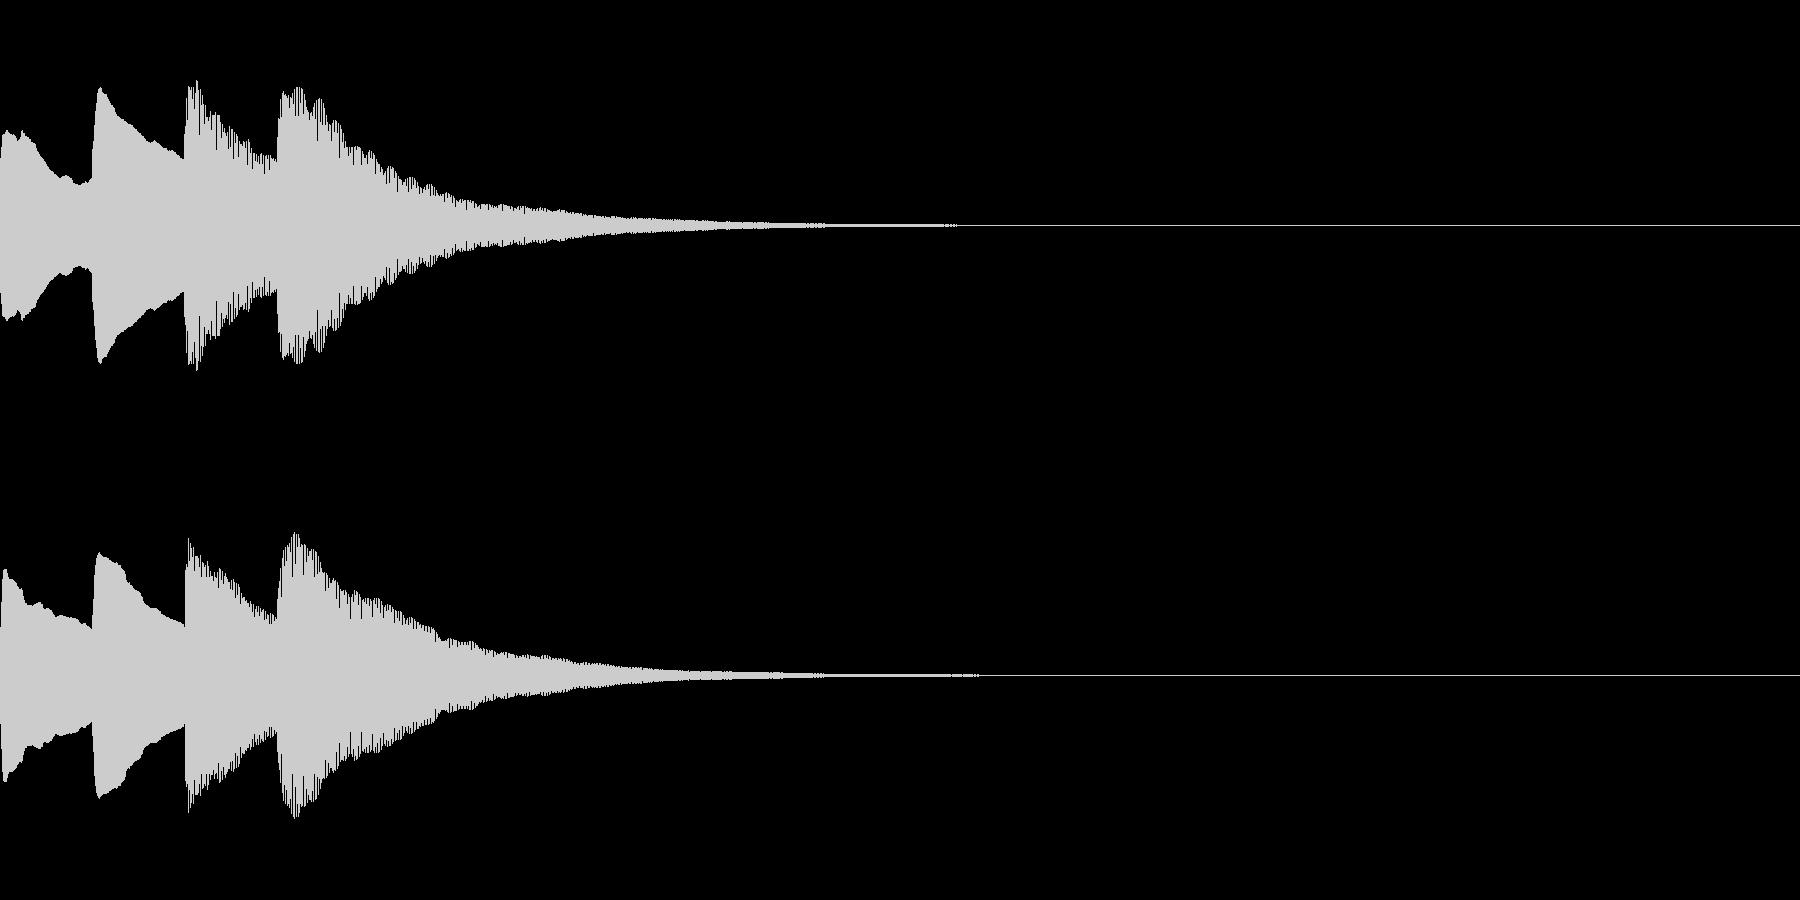 お知らせ・アナウンス音B下降(速め)04の未再生の波形